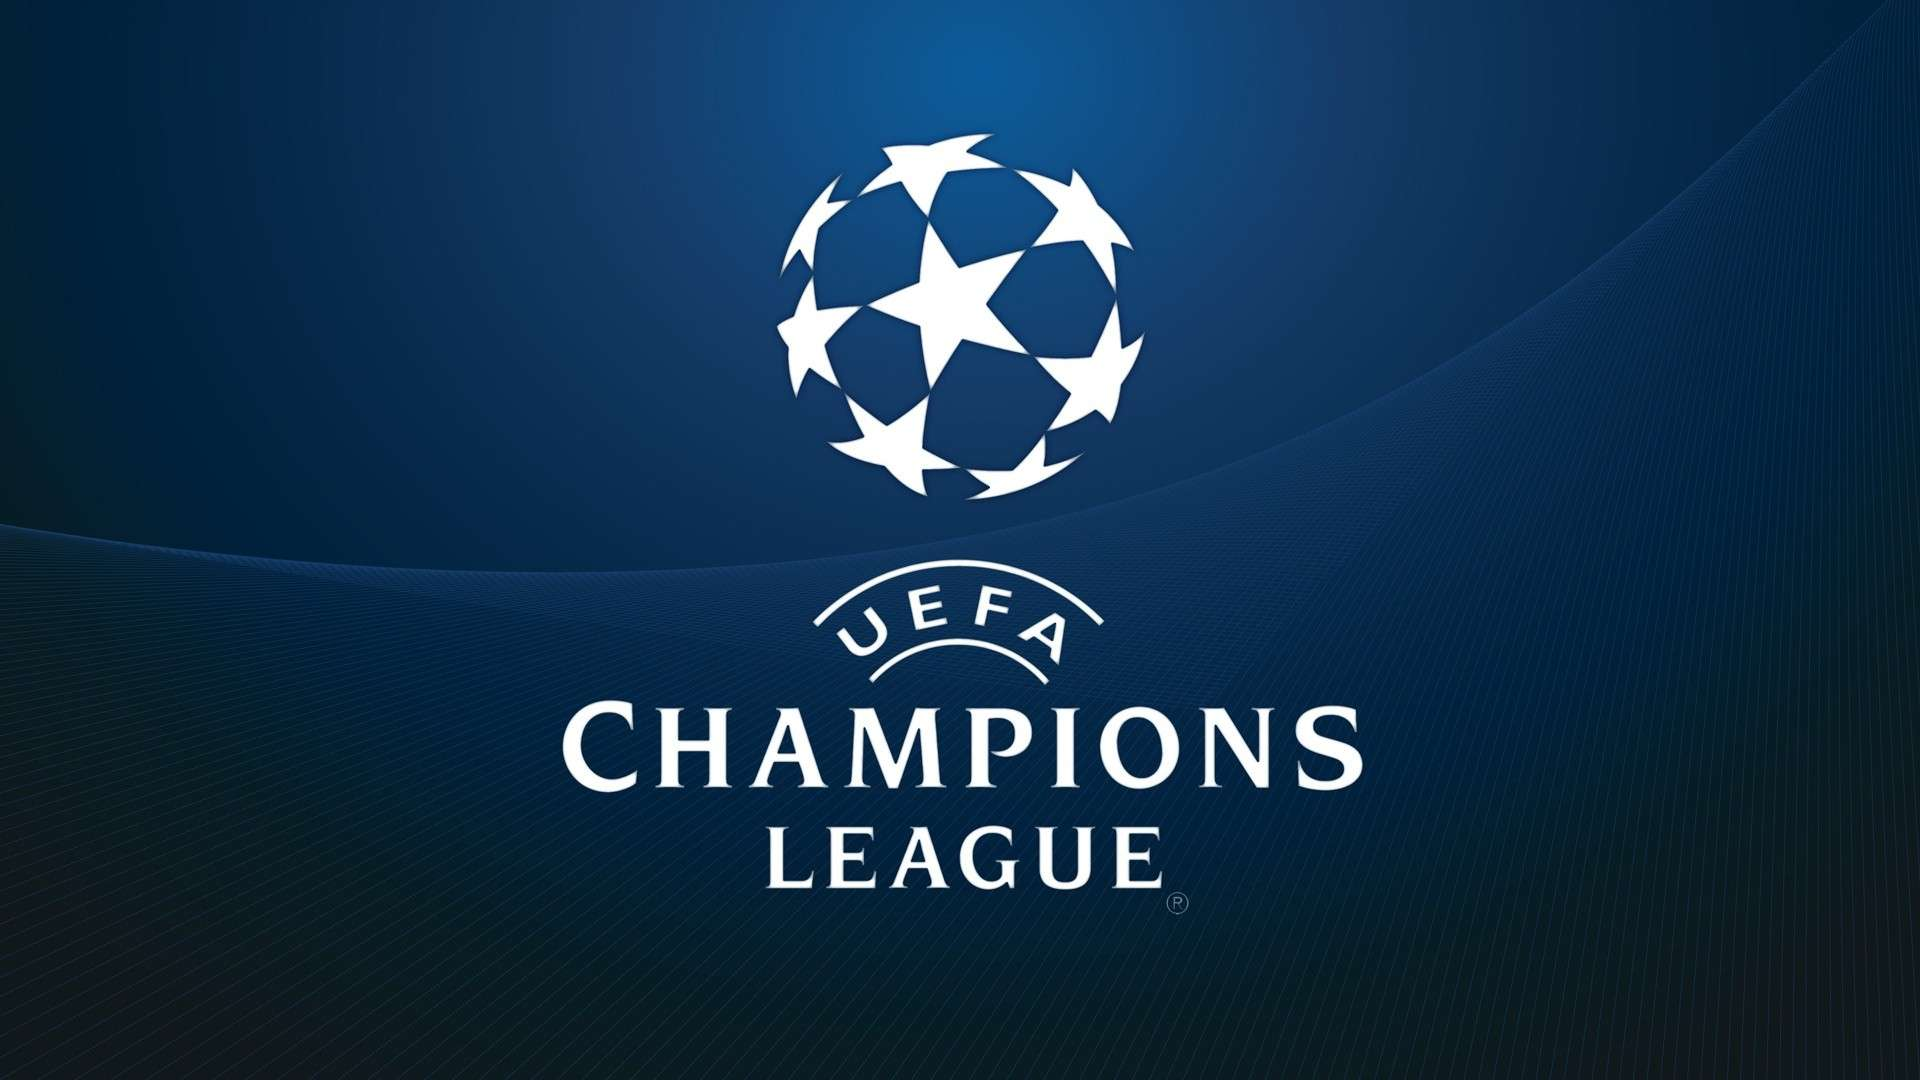 Si chiude la decennale partnership tra Konami e la UEFA